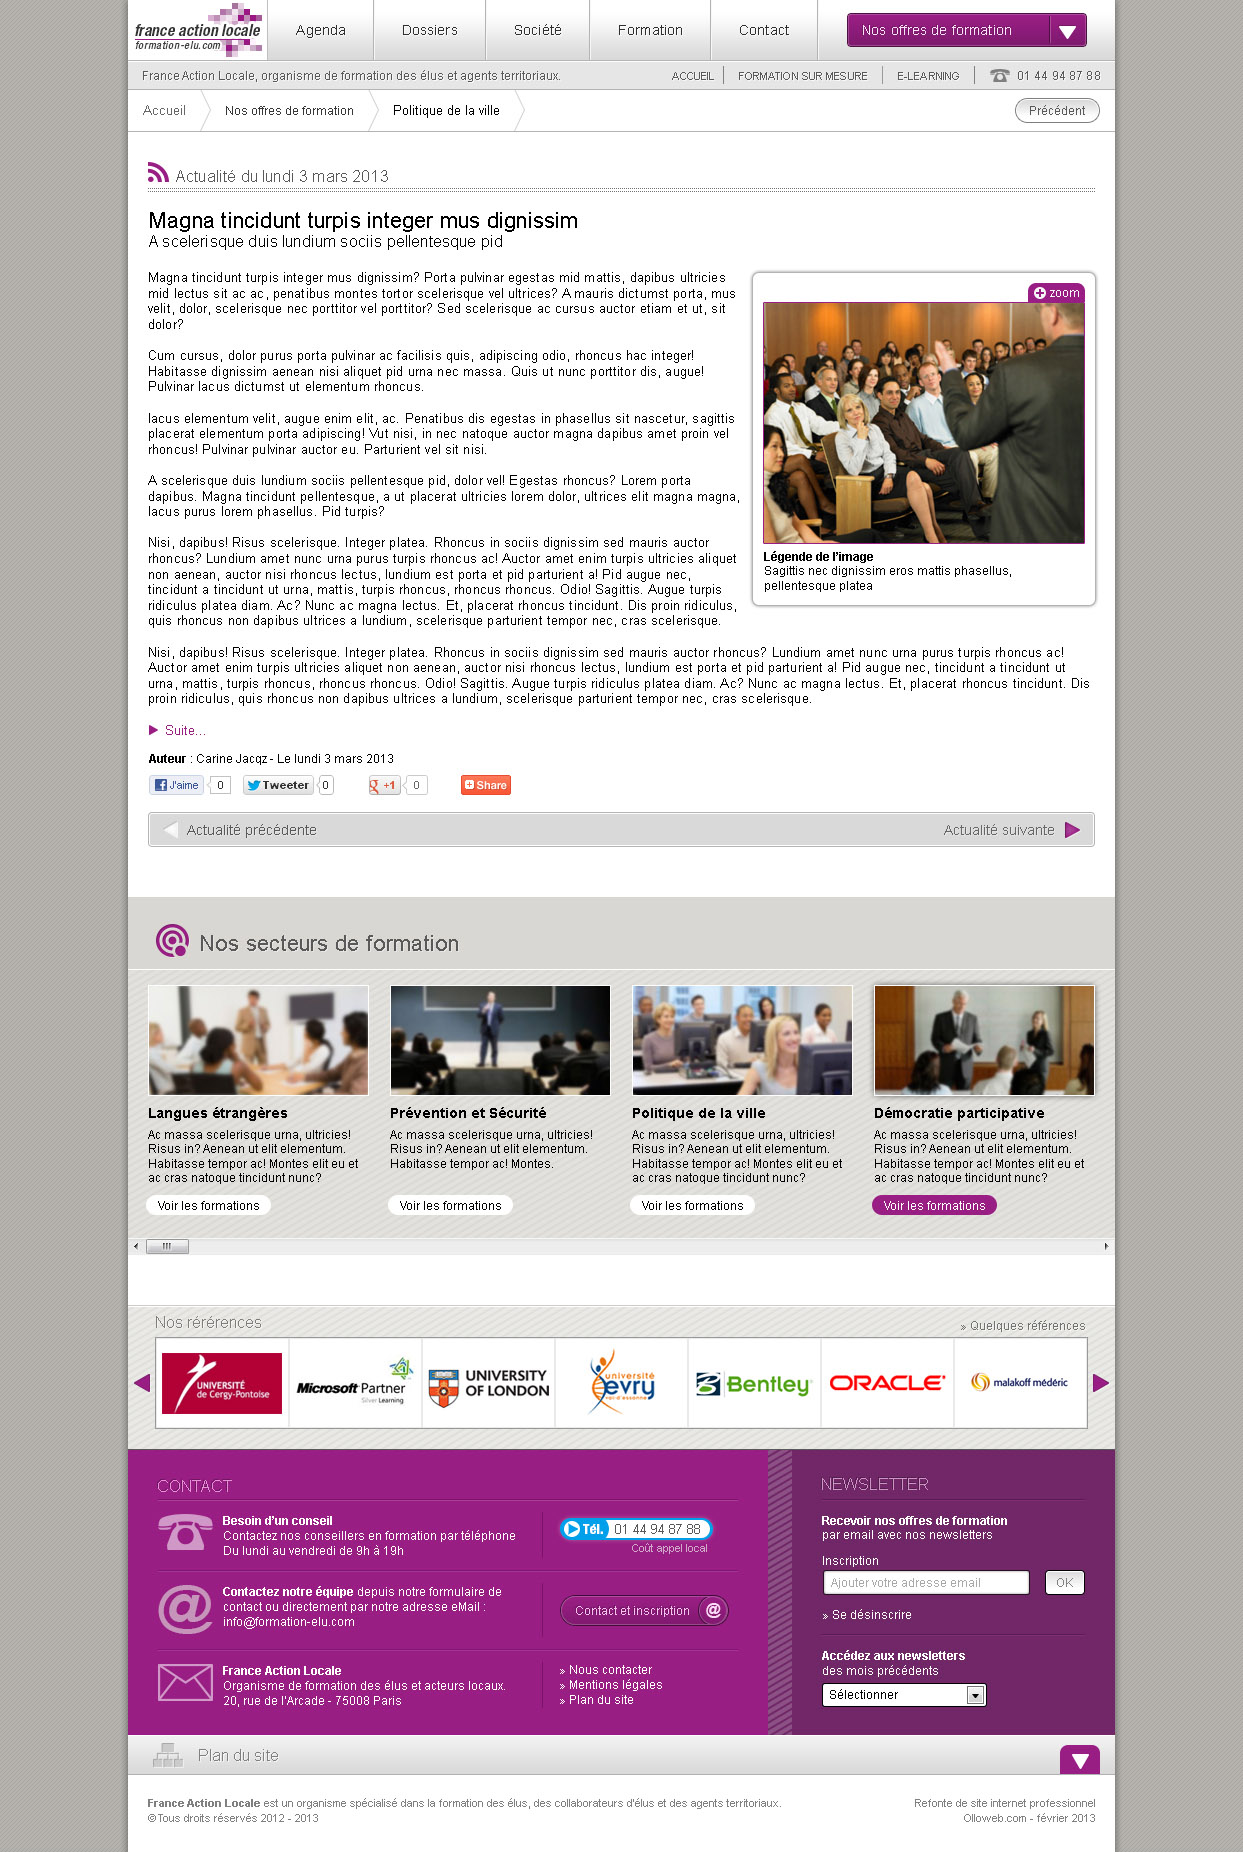 Conception graphique des pages d'actualités des formations.